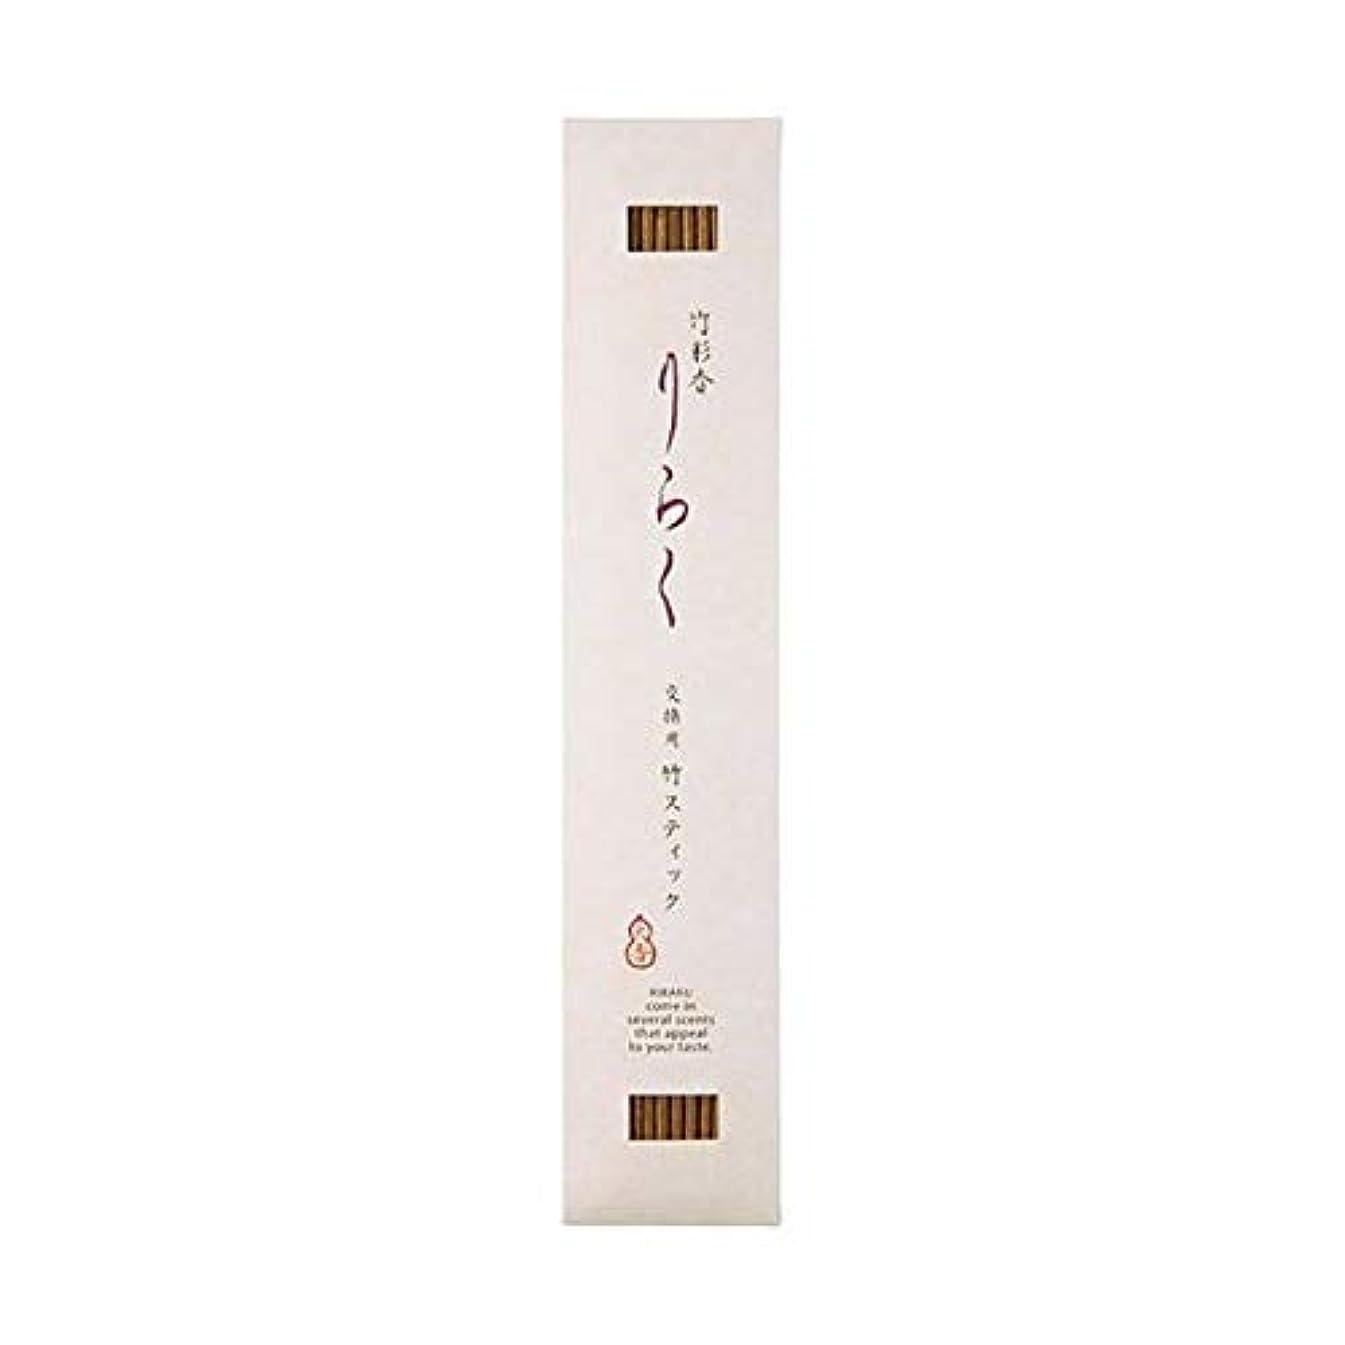 本会議流品種竹彩香りらく 交換用竹スティック白檀の色 10本